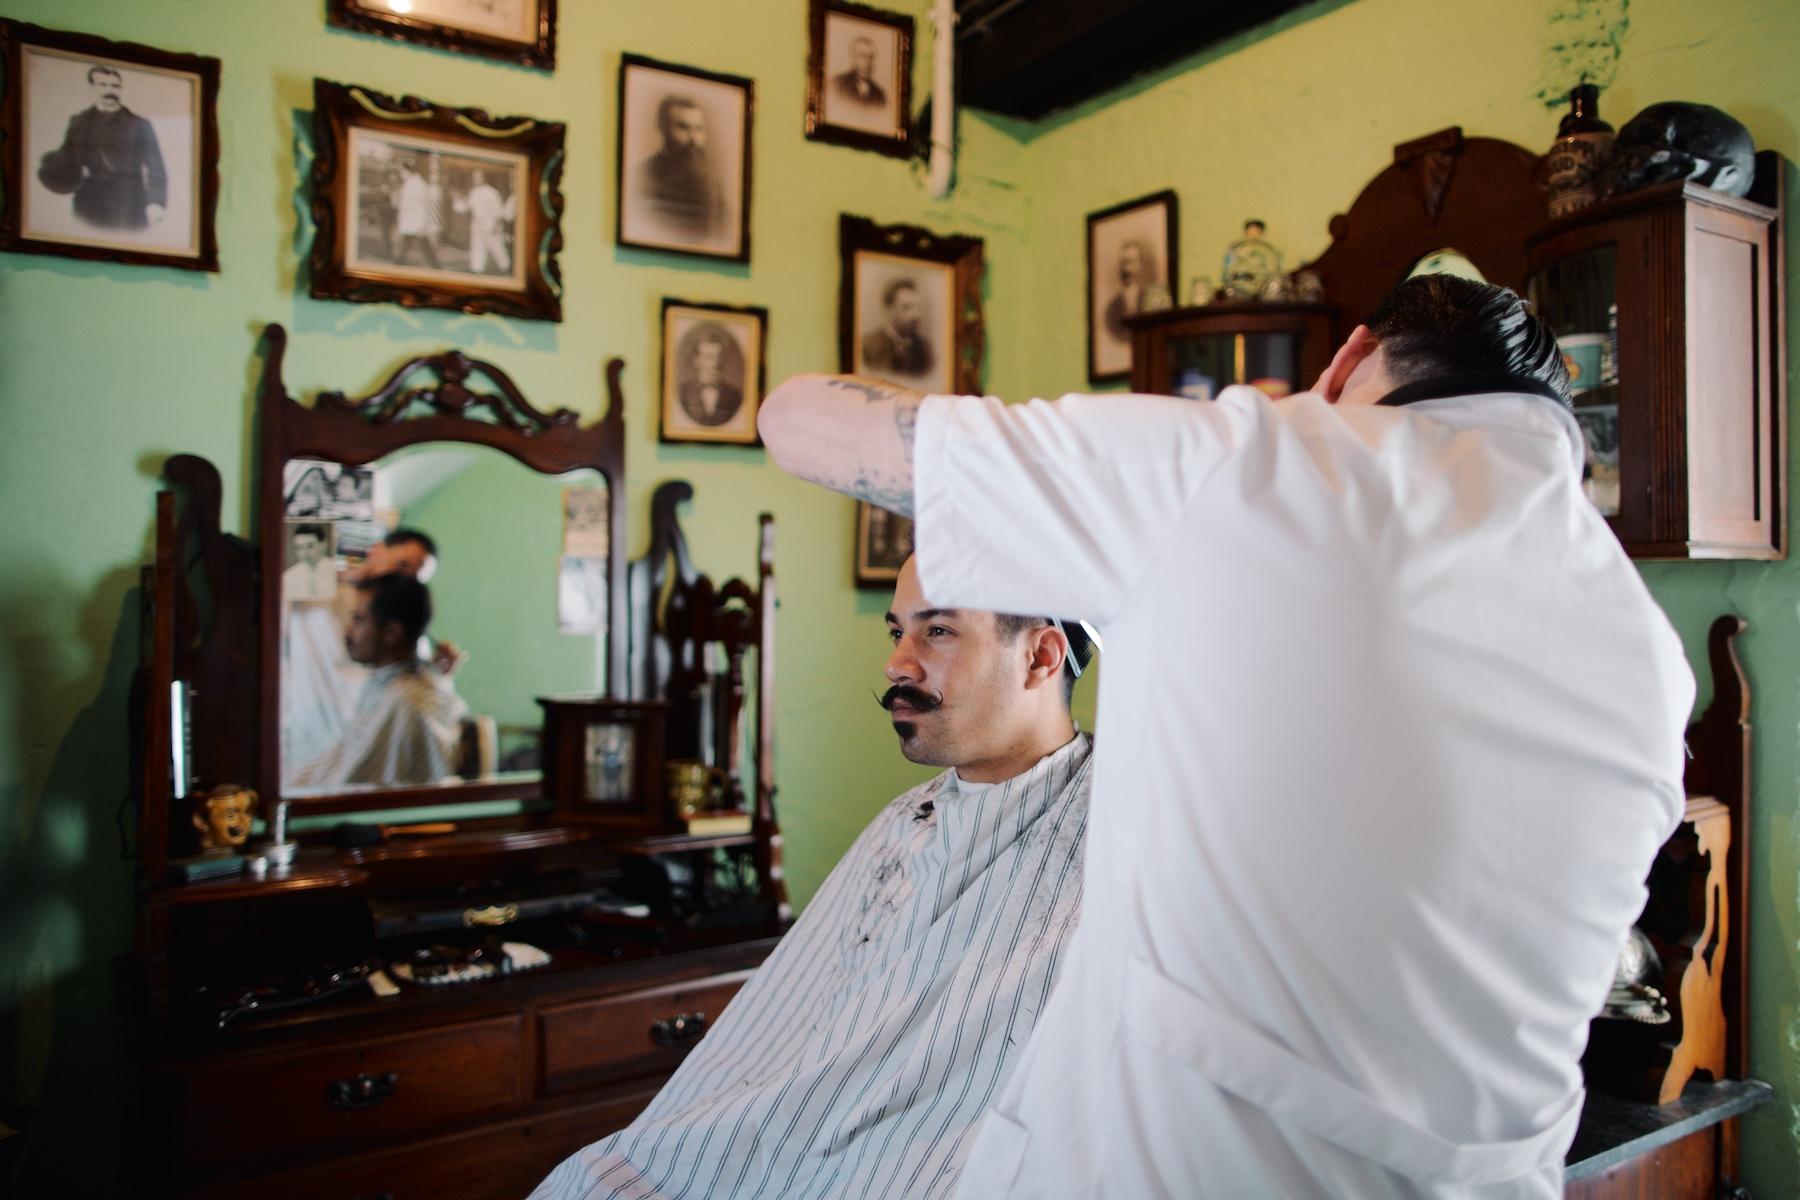 barbershop utrecht, monsieur moustache, pascal bannink, brughuisje, unieke locatie, cityguide utrecht, utrecht, barbershop in brughuisje